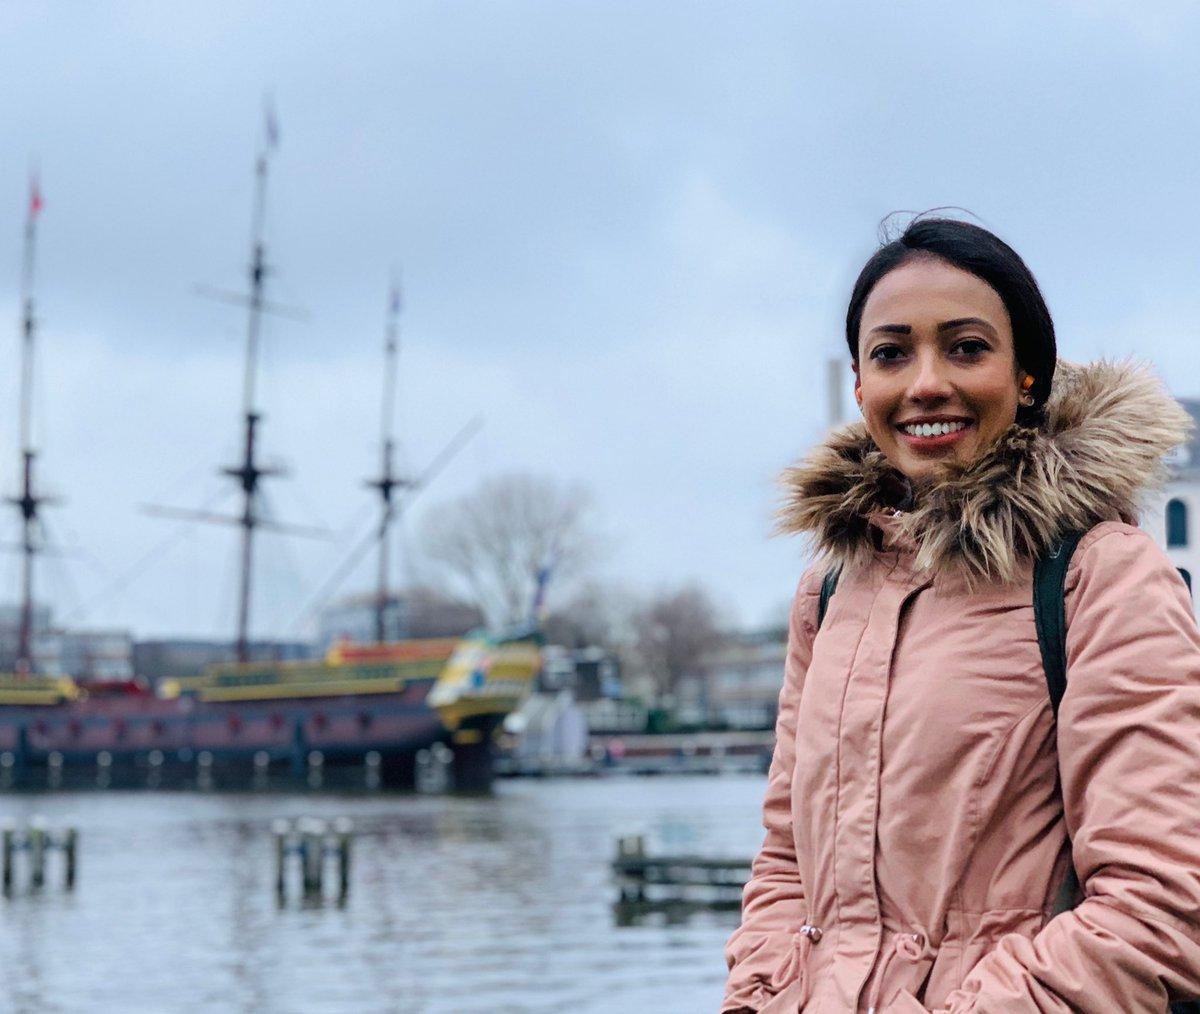 Around Amsterdam https://m.youtube.com/channel/UC025NsiMgCxMyY3xRxweWnA…  #travelrhythm #hnhstopovers #travelgram #travel #youtube #amsterdam #amsterdamn #netherlands #holland #europe #travelphoto #travelbug #travellers #amsterdam_streets #world #bestofamsterdam #amsterdamshotspic.twitter.com/kb6Uf6Yny4